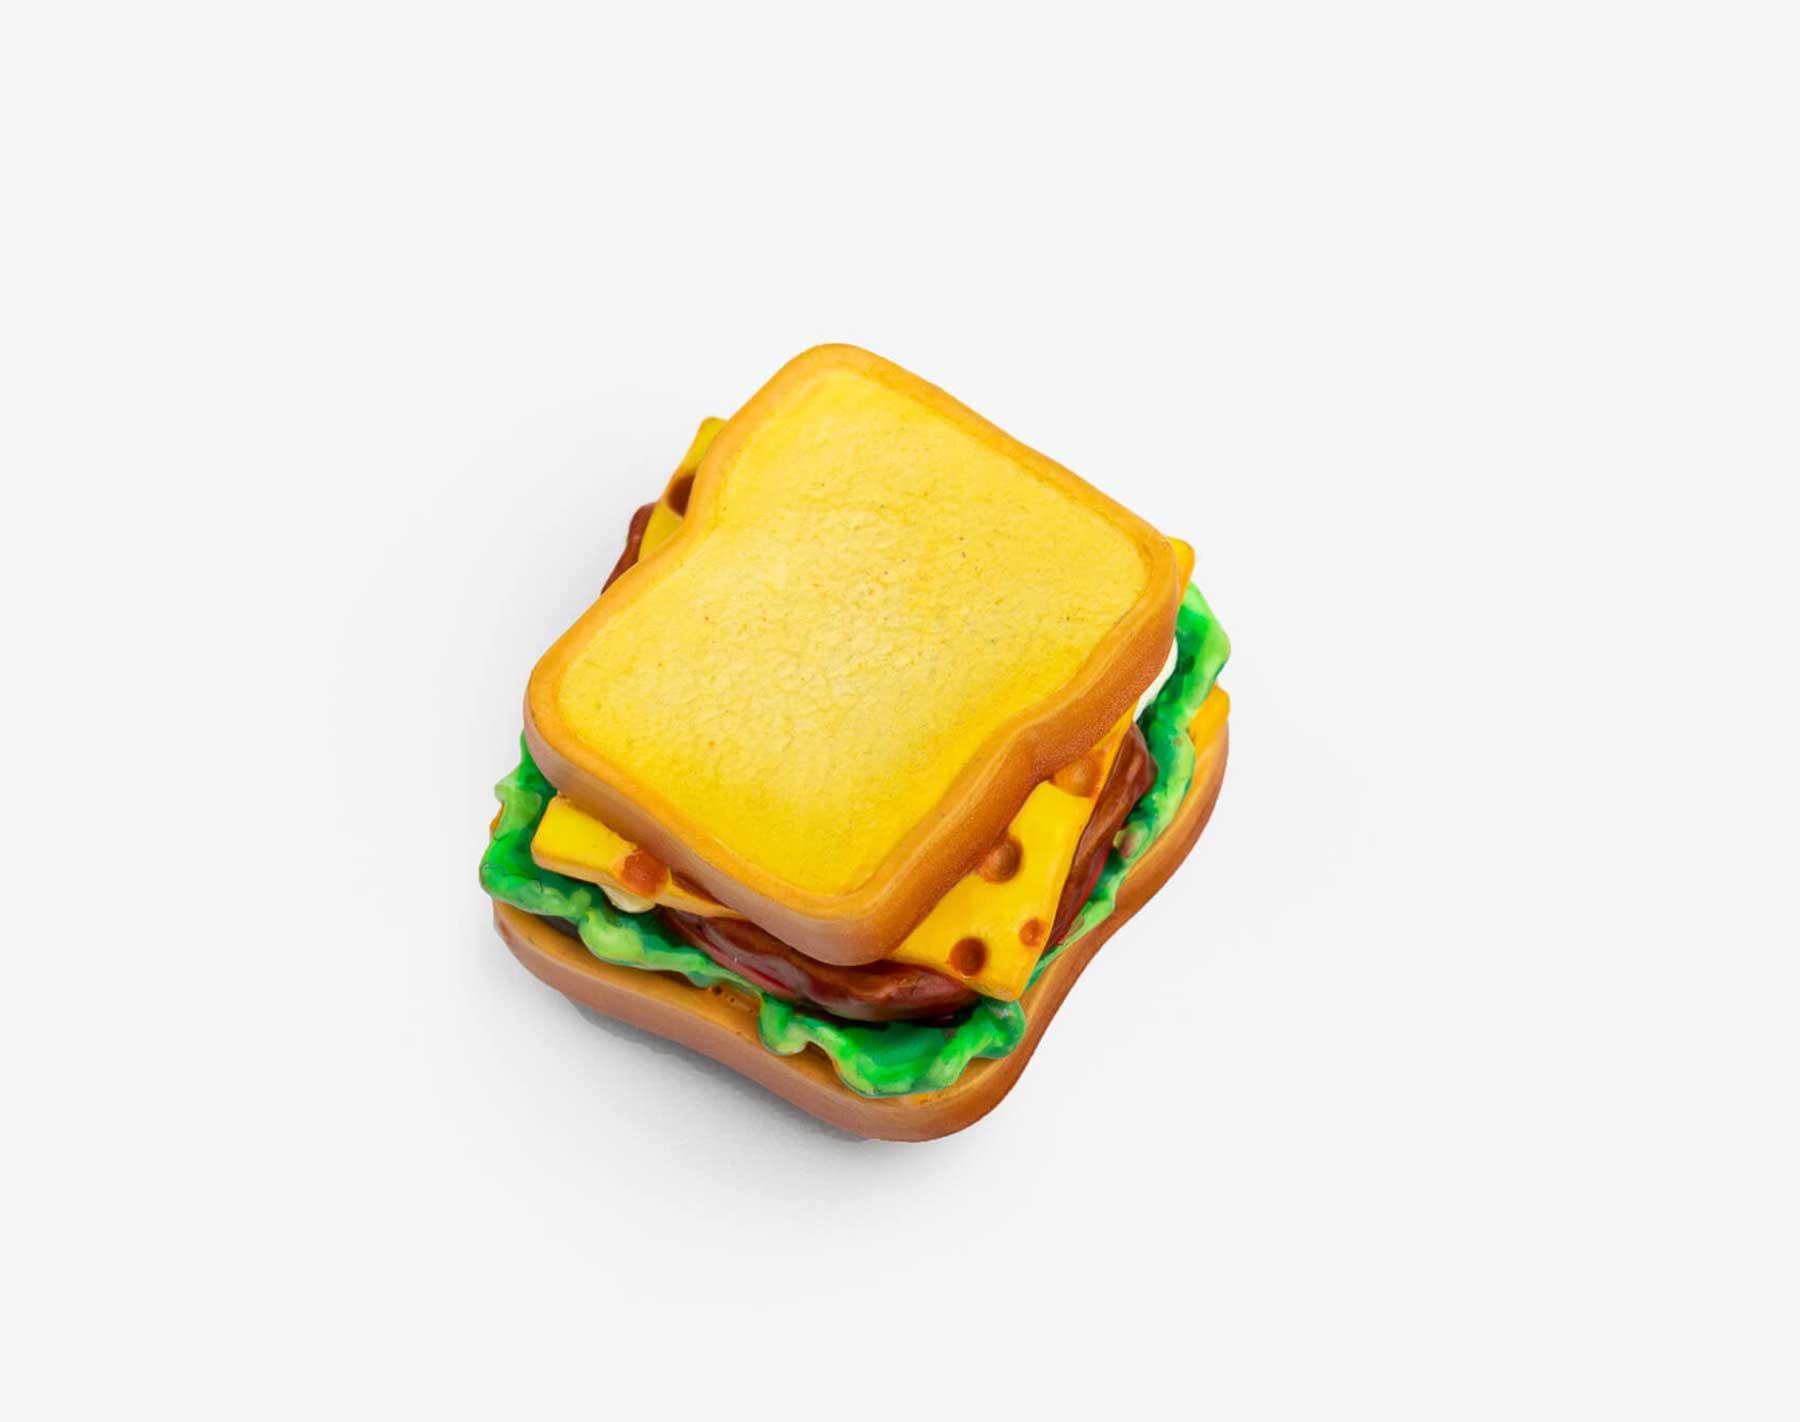 Essens-Tastatur-Tasten foodie-tastaturtasten-keycap_02